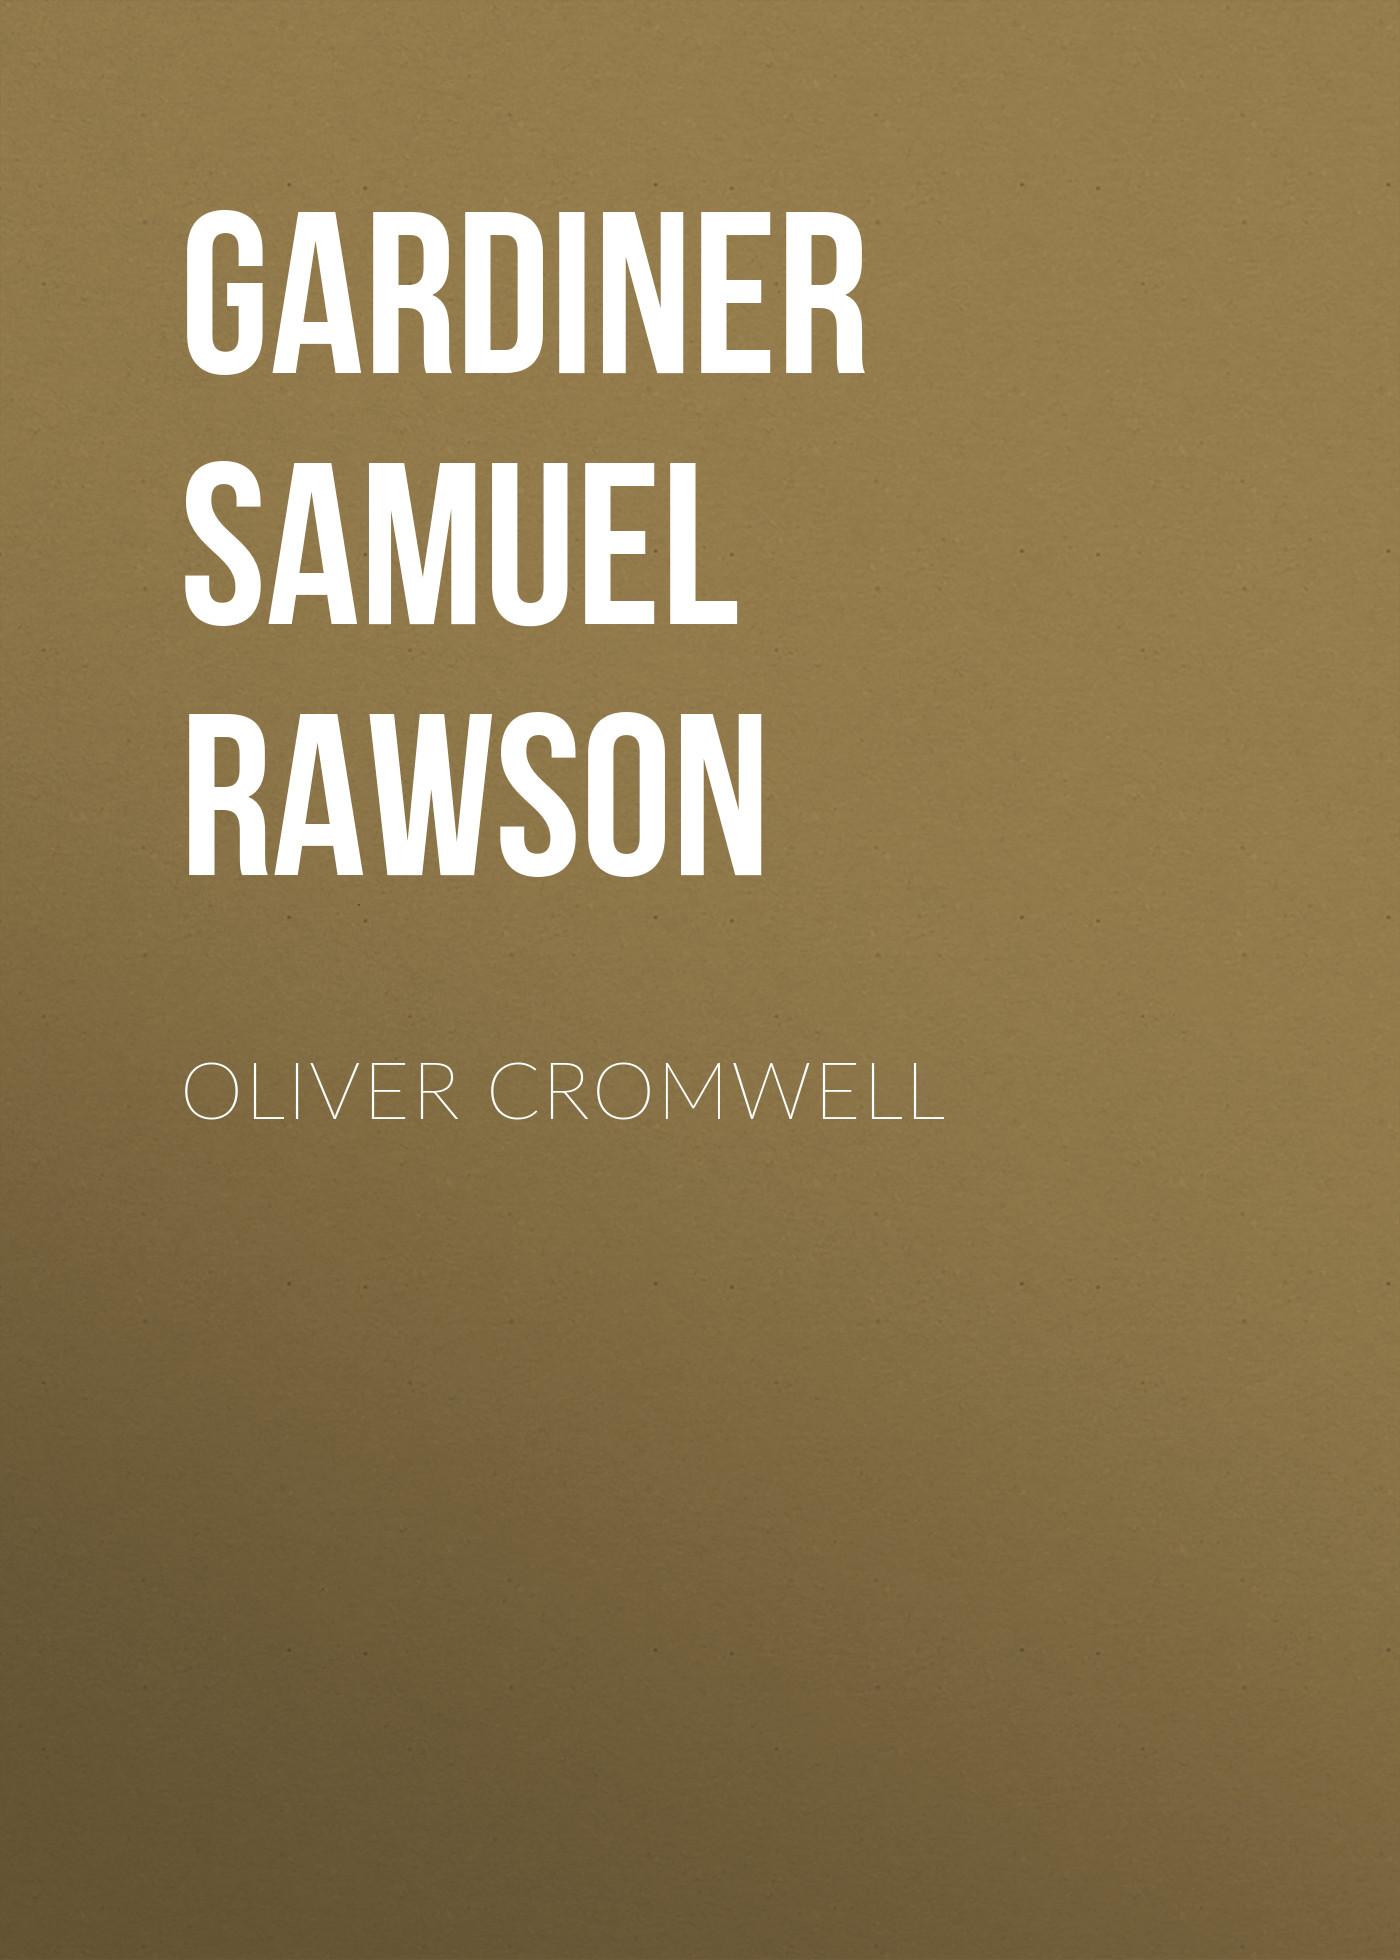 Gardiner Samuel Rawson Oliver Cromwell gardiner samuel rawson what gunpowder plot was